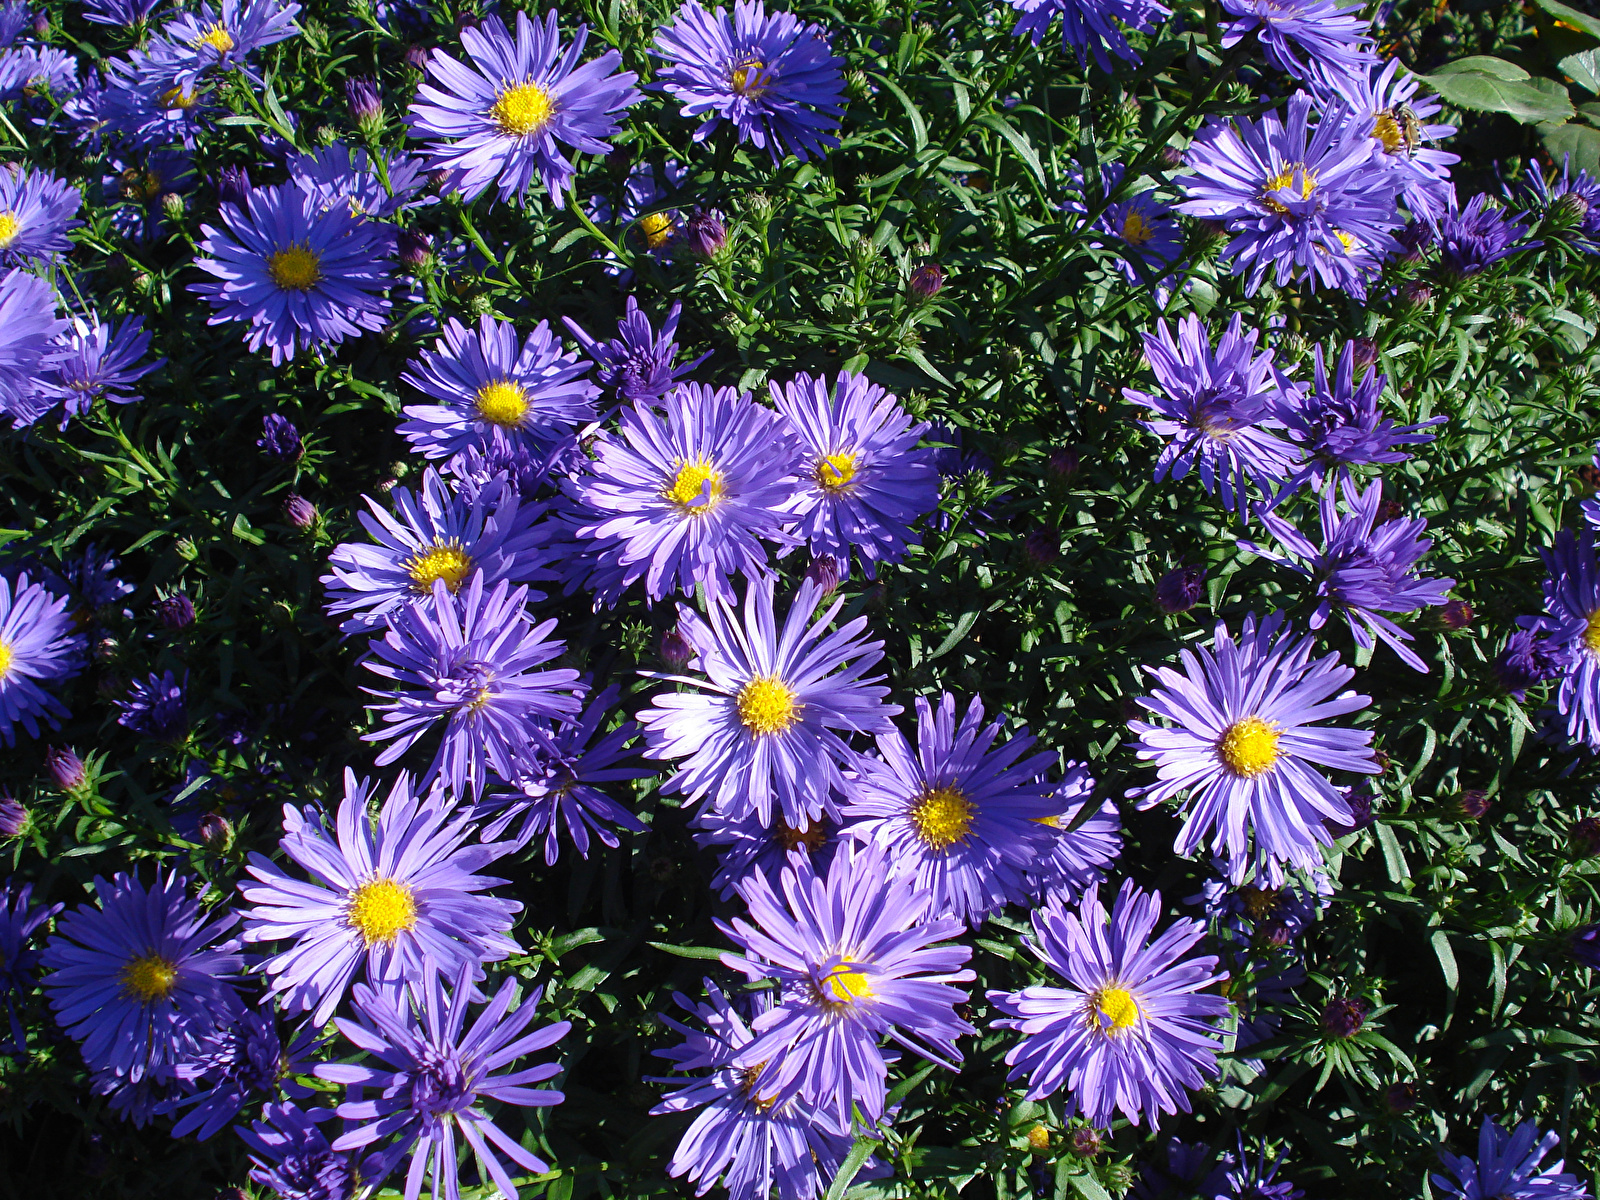 Фотографии фиолетовые Цветы Хризантемы Крупным планом 1600x1200 фиолетовая Фиолетовый фиолетовых цветок вблизи